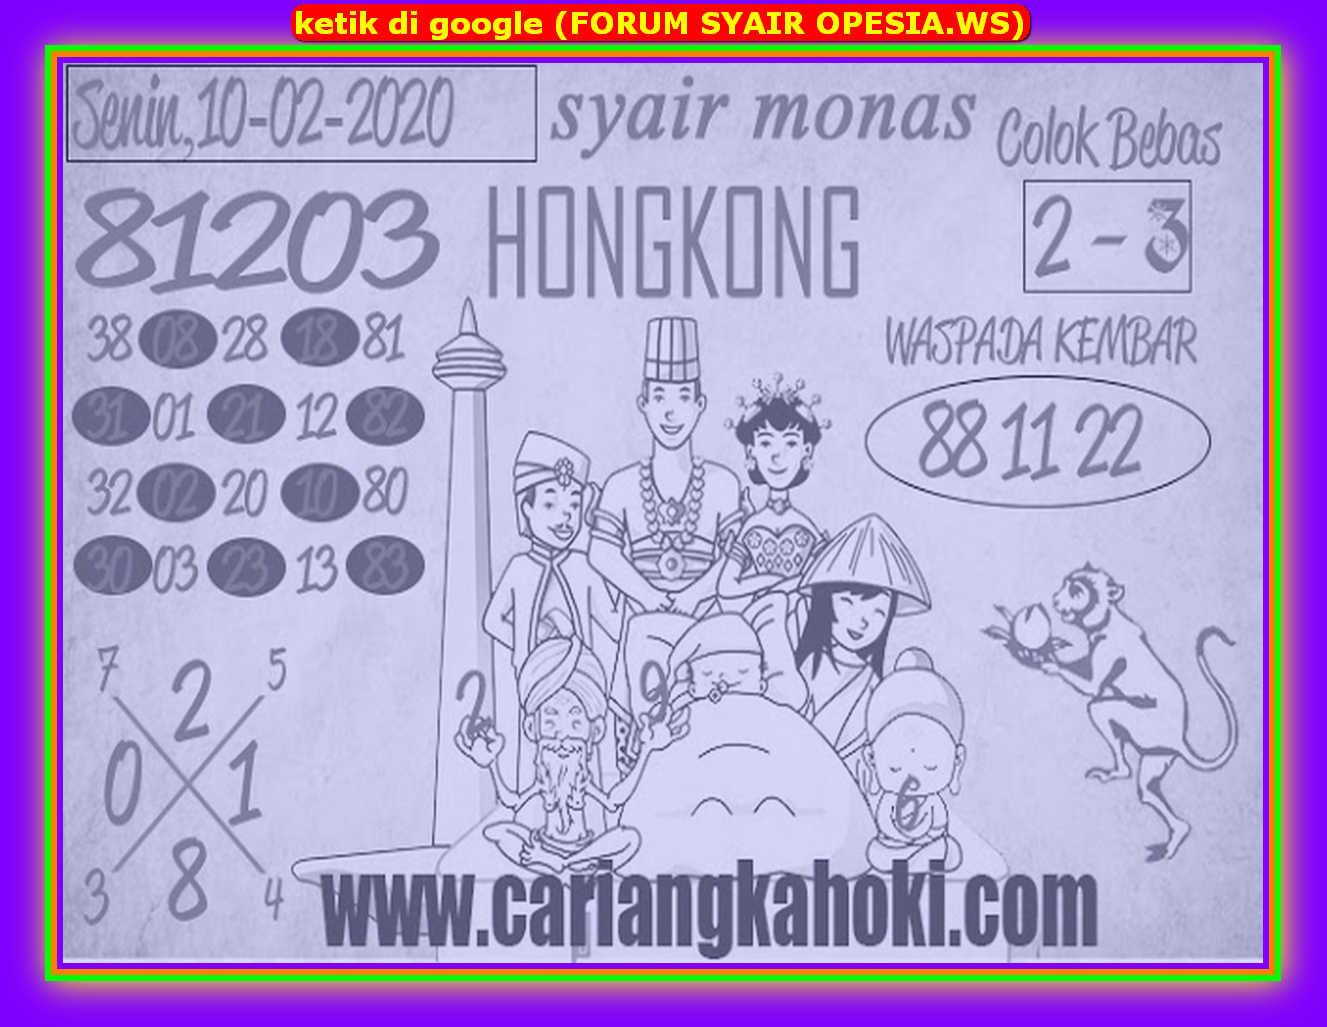 Kode syair Hongkong Senin 10 Februari 2020 167